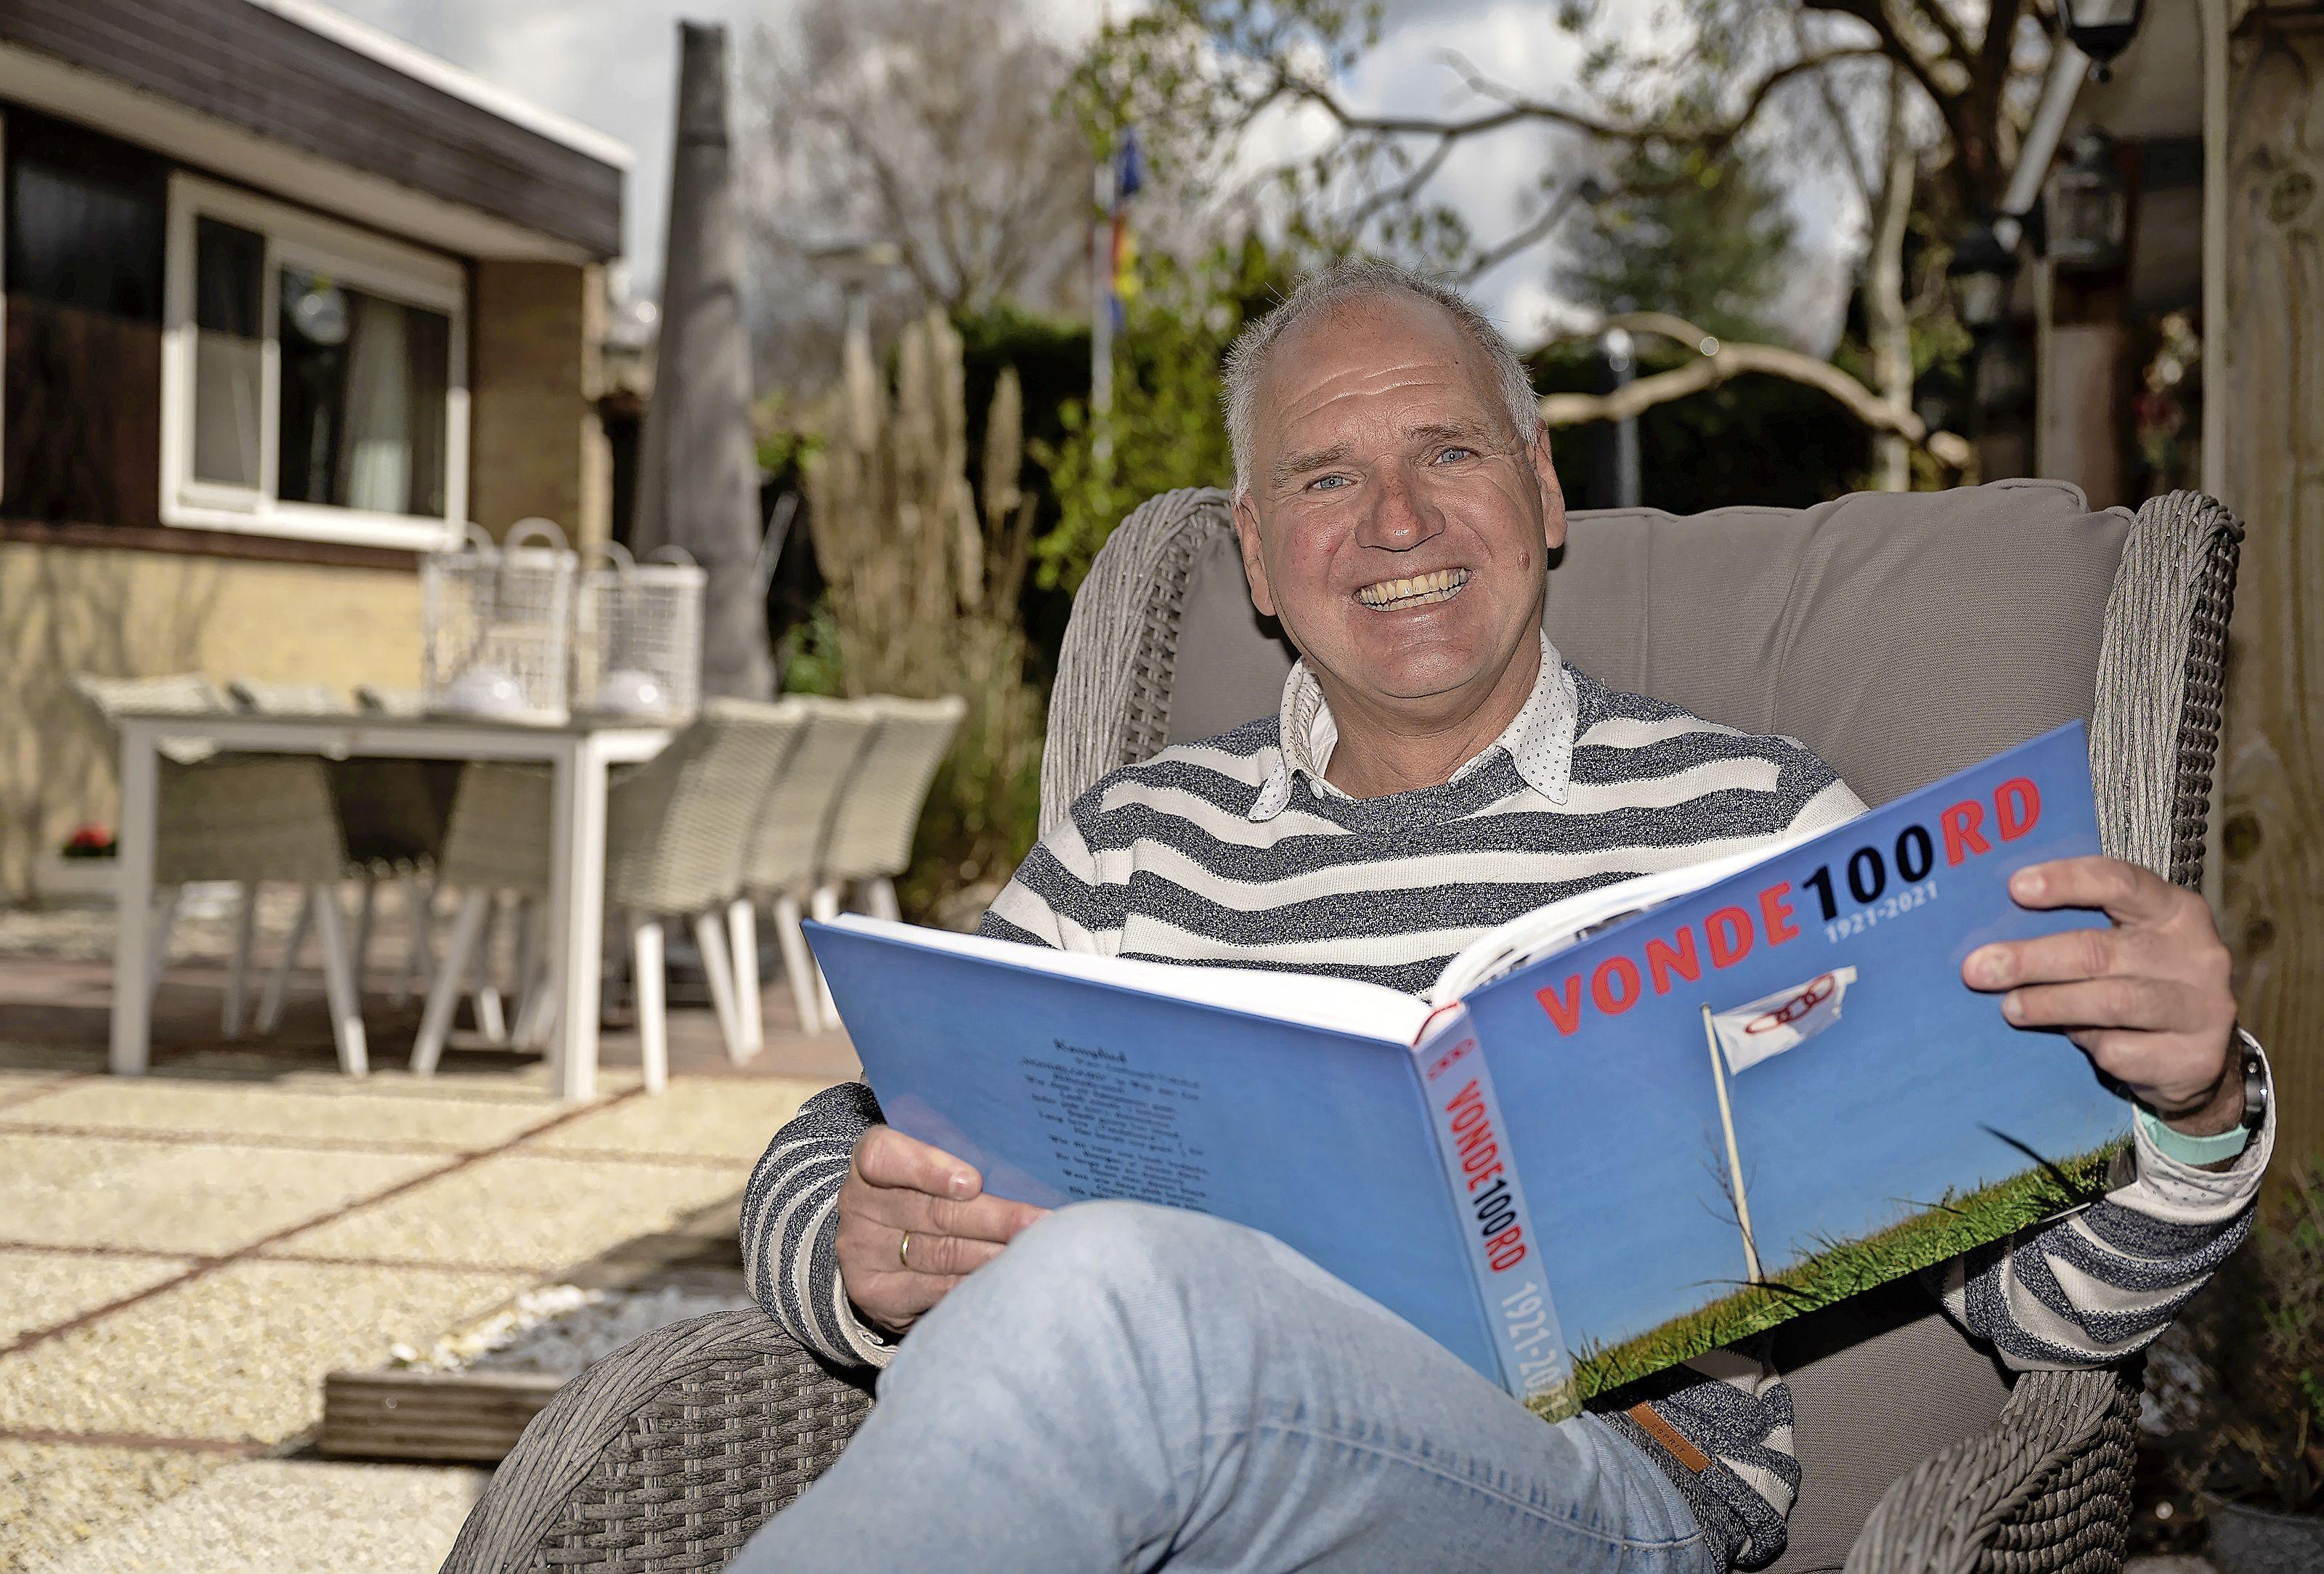 Honderd jaar 'Zaanstreek aan zee': Zaandijker Peter Schoen schrijft boek over geschiedenis van Odd Fellows-camping Vondeloord in Wijk aan Zee